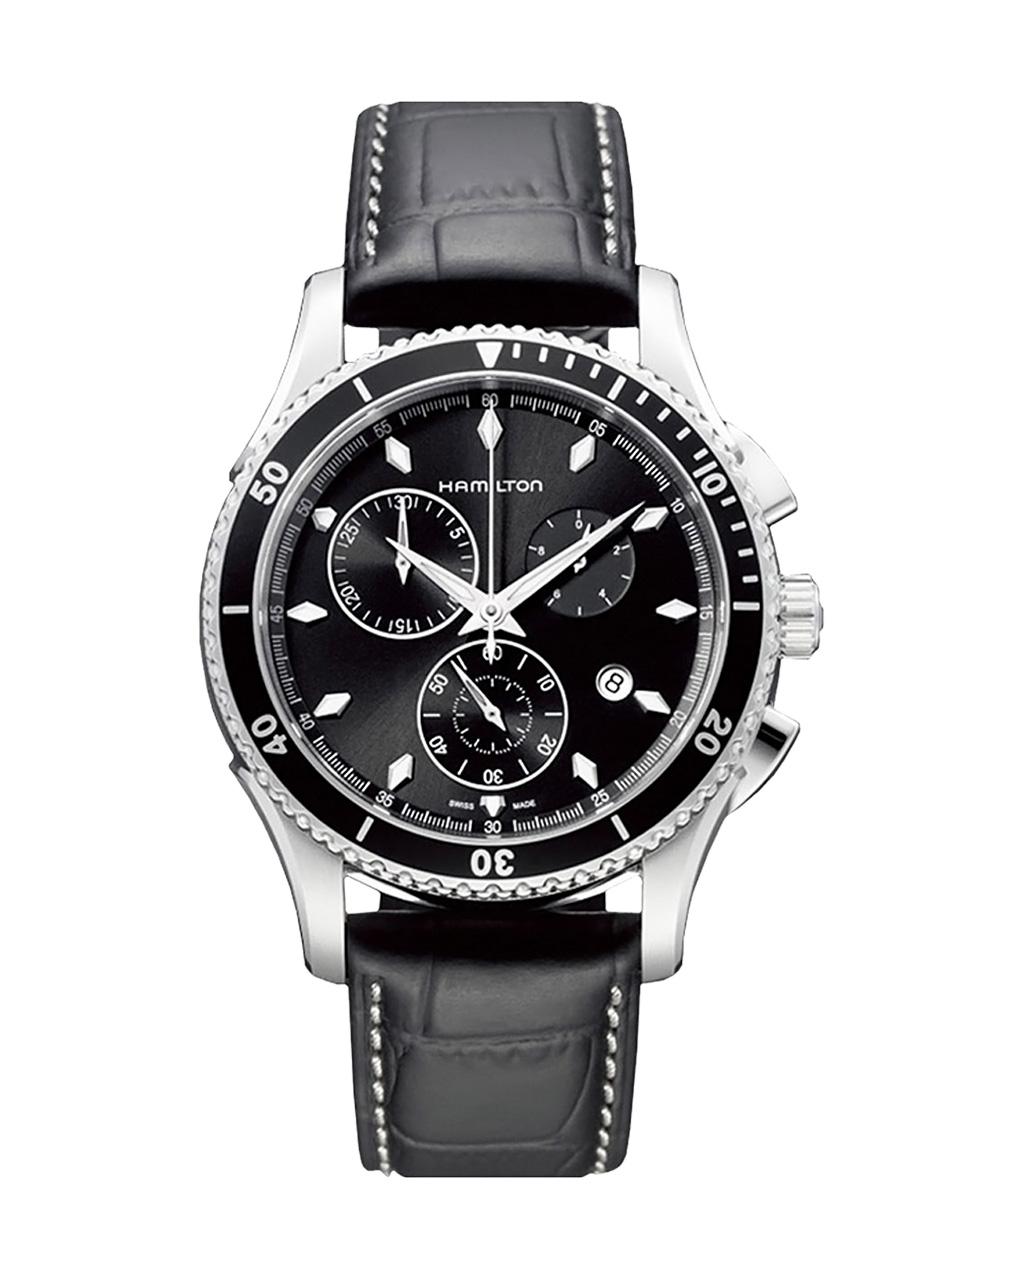 Ρολόι Hamilton Seaview H37512731   brands hamilton